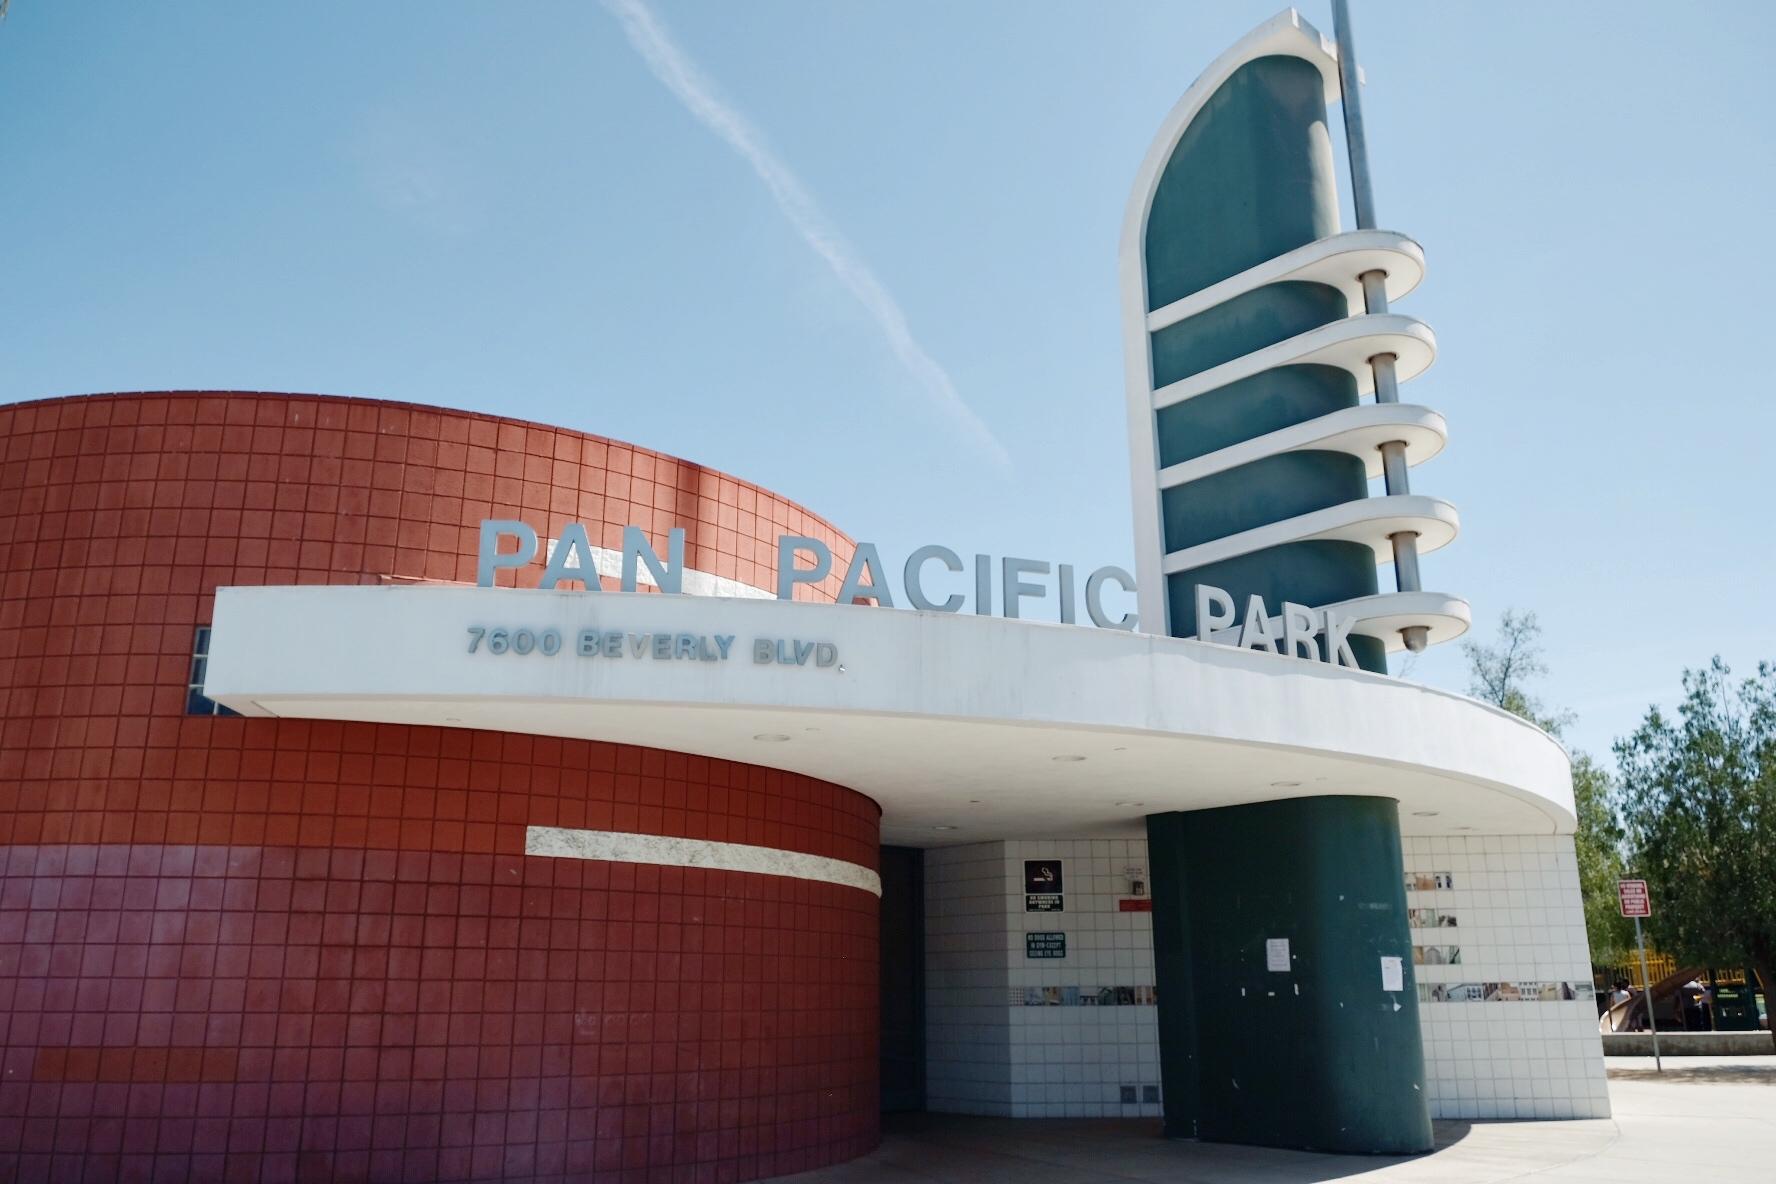 Pan Pacific Park 1.JPG